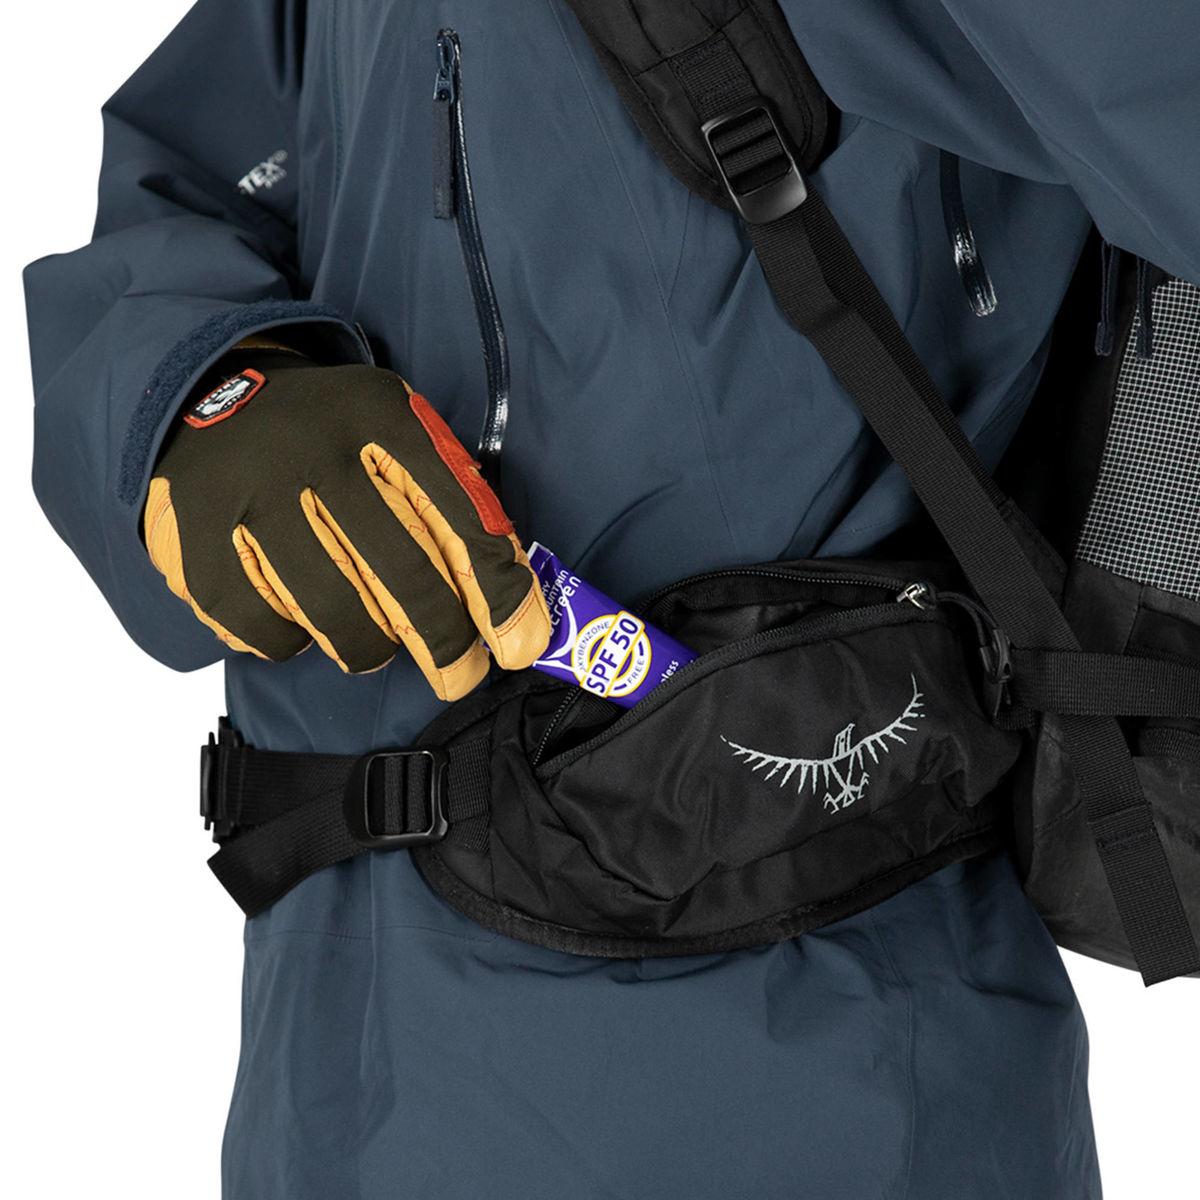 Bilde av Osprey Soelden Pro Avy Airbag Pack 32 Onyx Black O/S